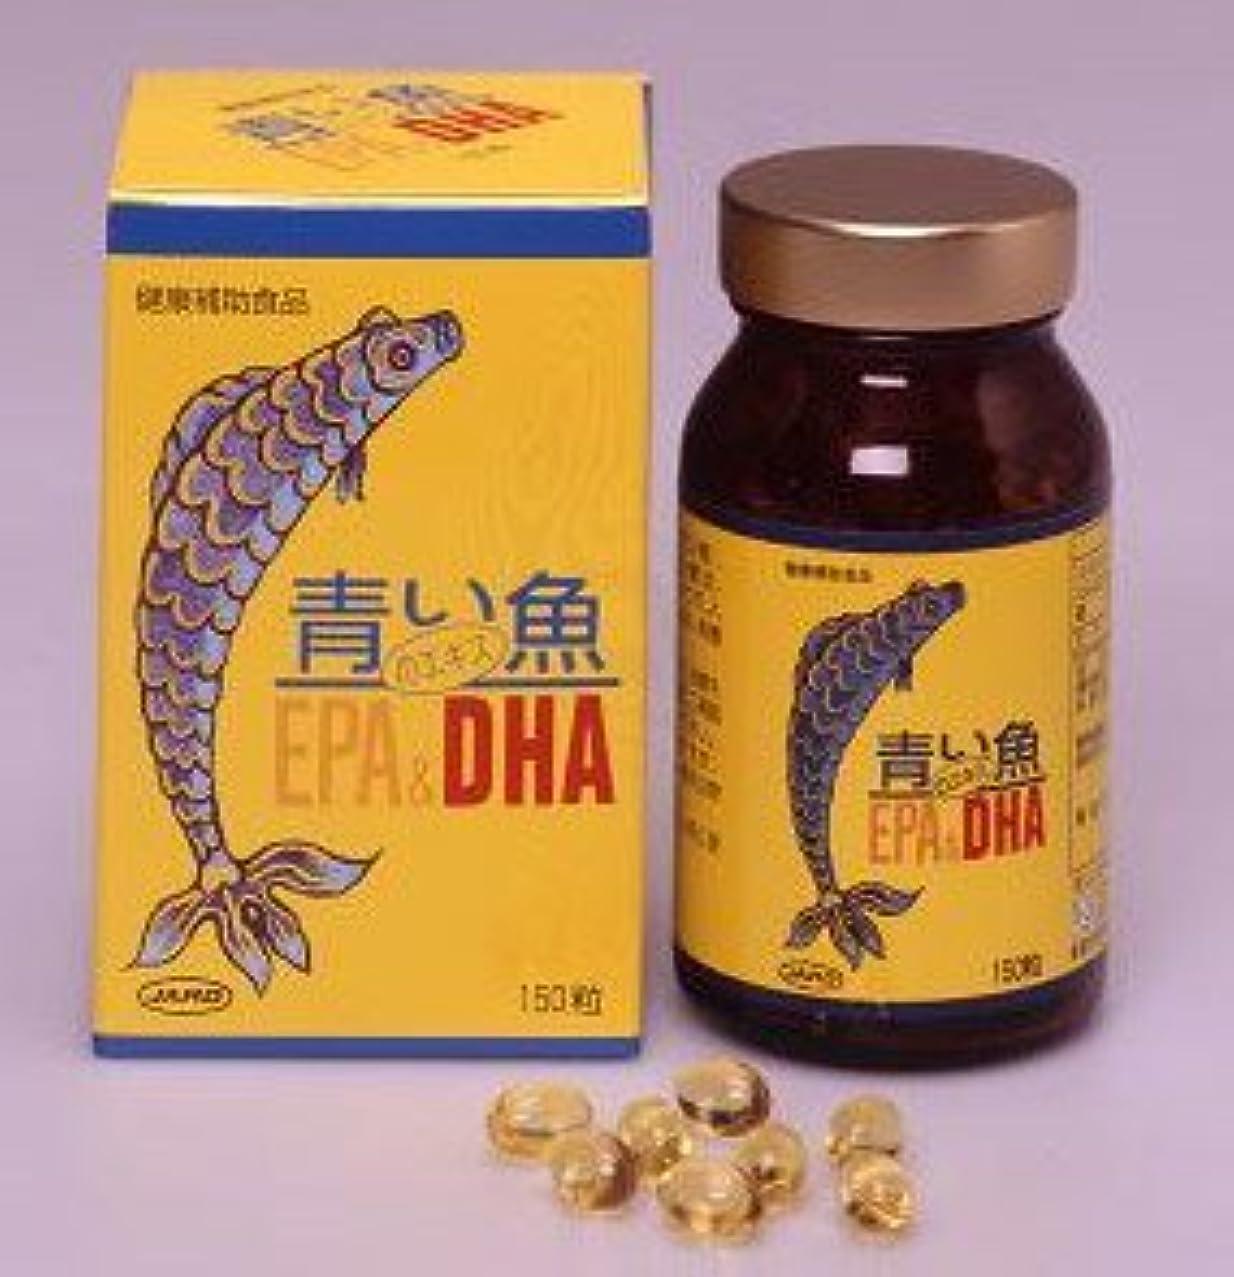 欠席負望まない青い魚のエキスEPA&DHA(単品)ジャード